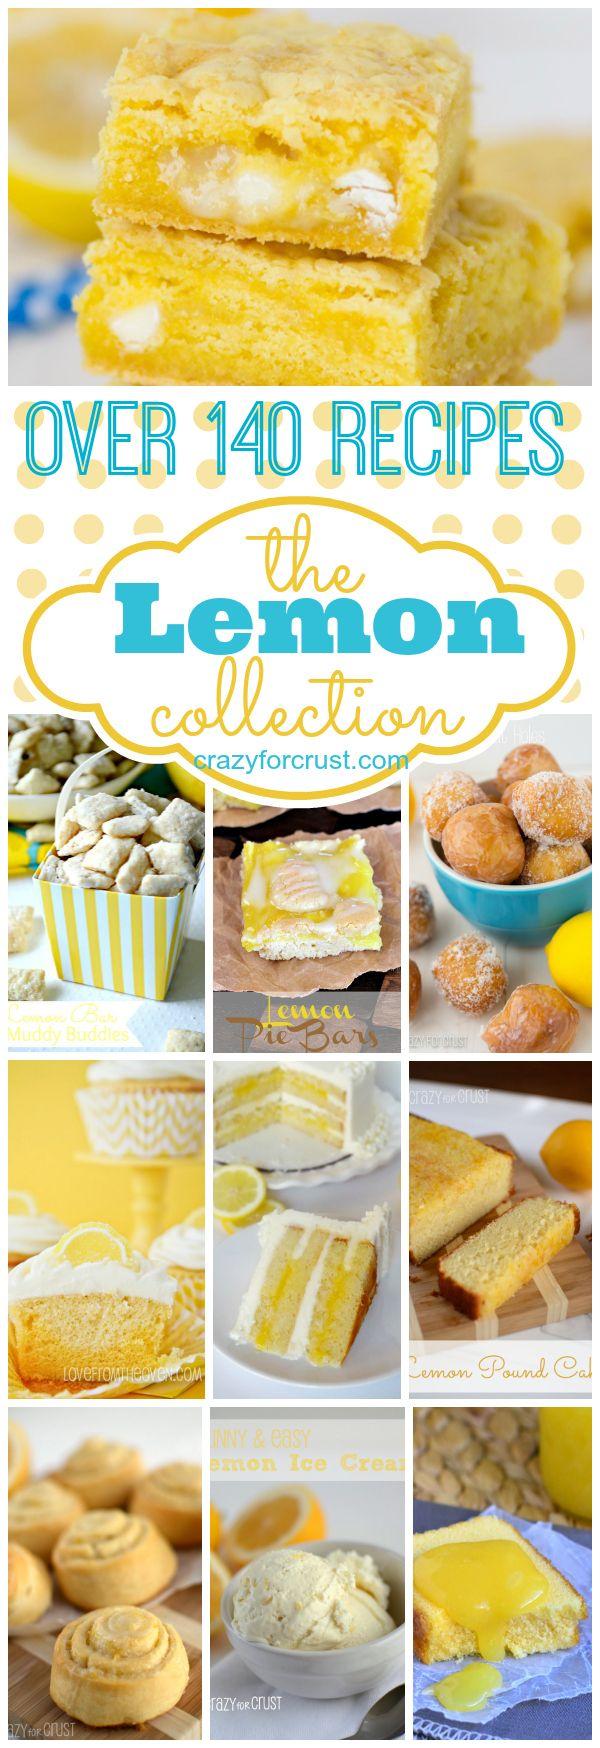 Over 140 Lemon Recipes to satisfy your citrus tooth! | crazyforcrust.com